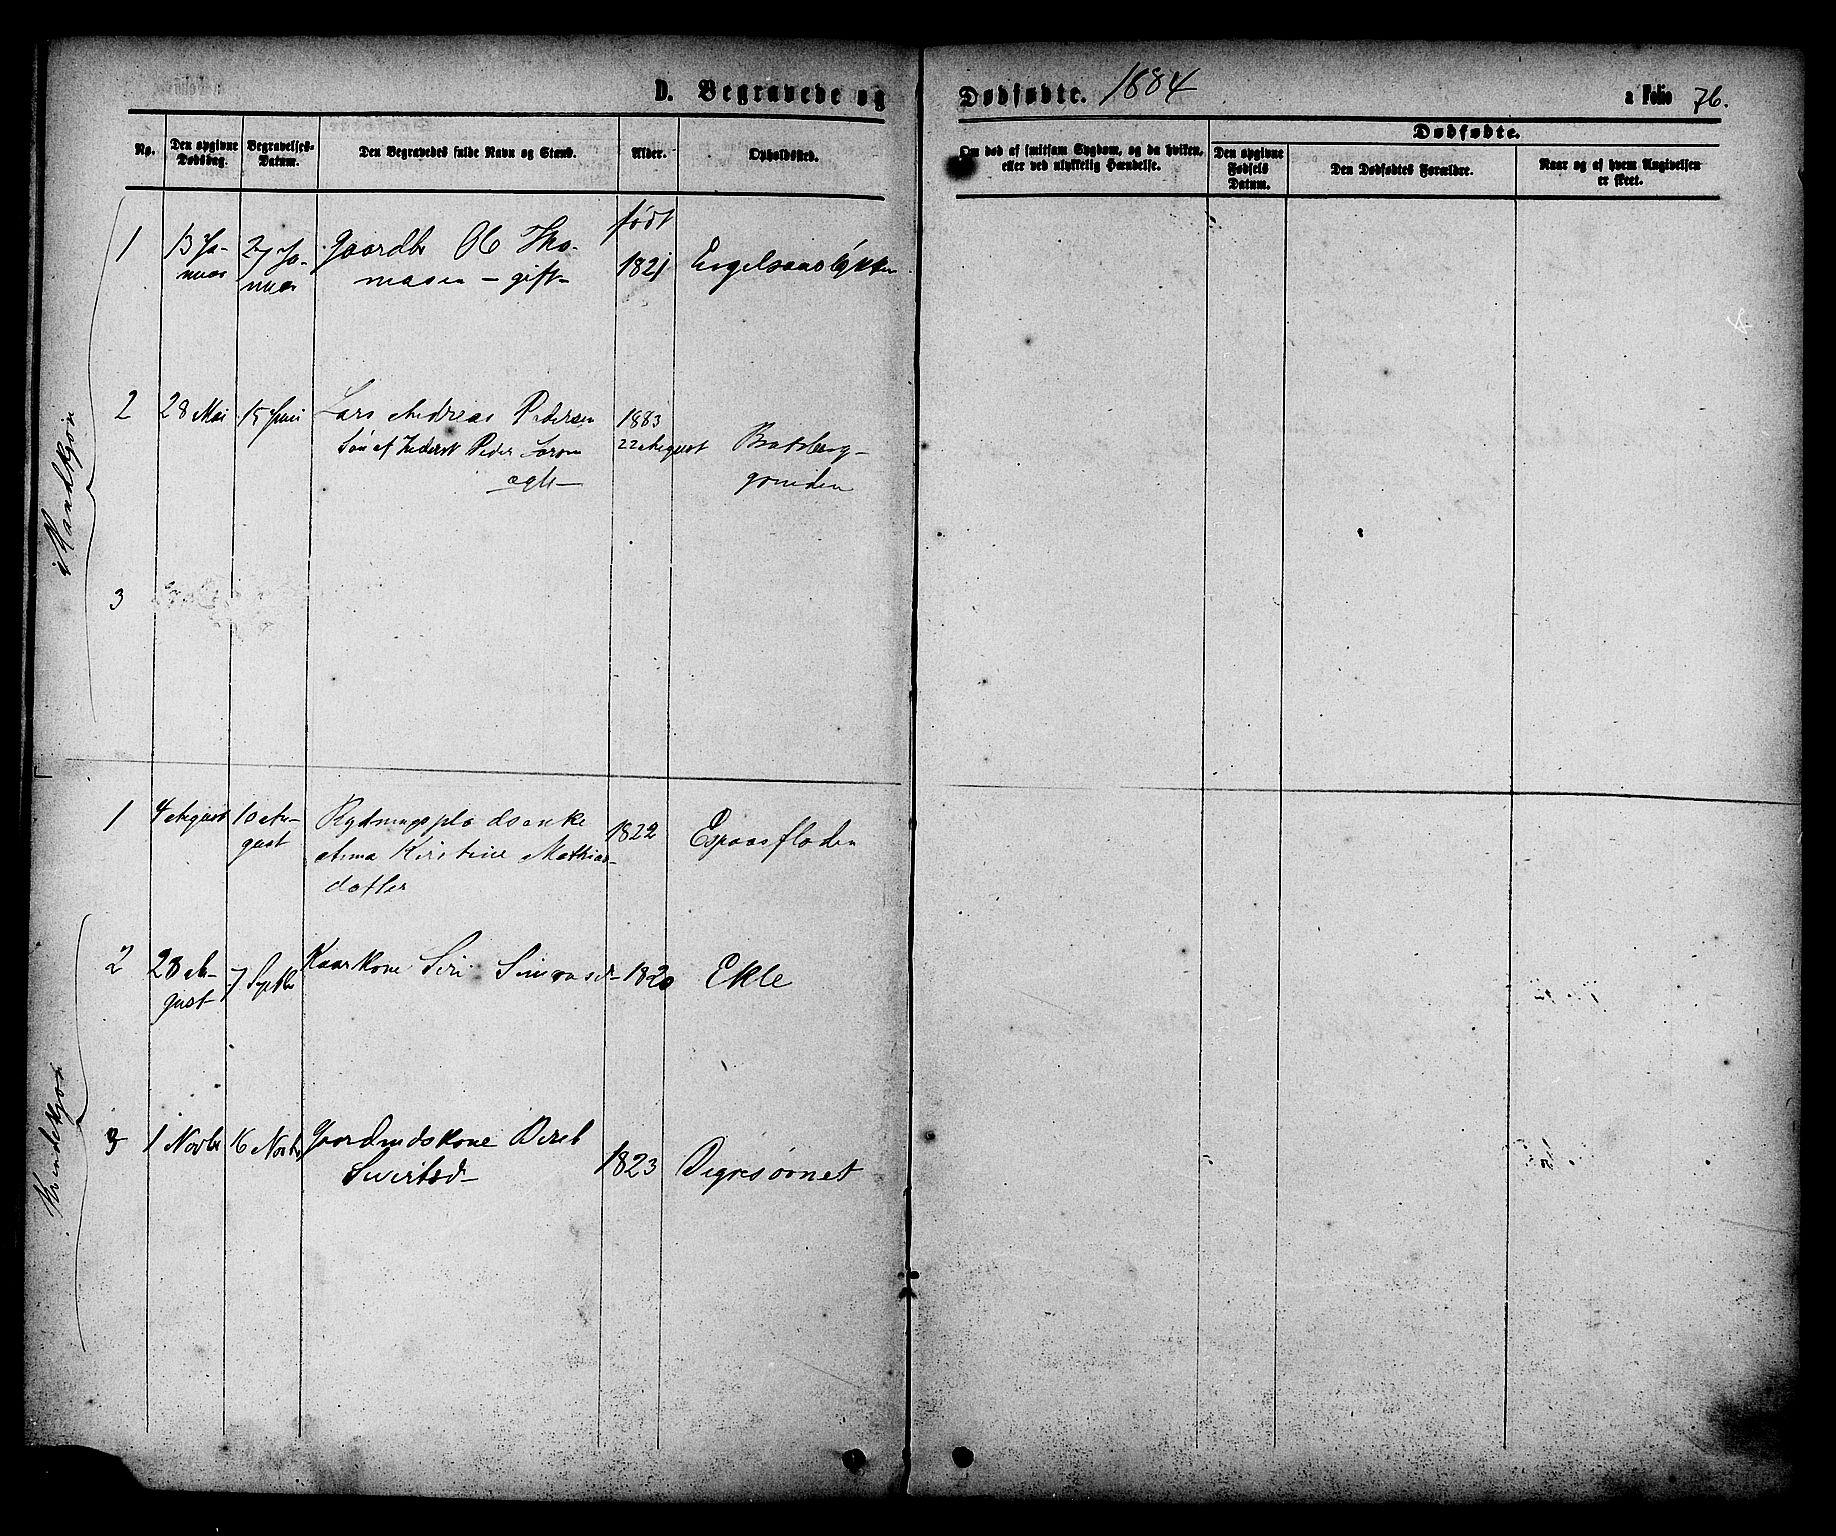 SAT, Ministerialprotokoller, klokkerbøker og fødselsregistre - Sør-Trøndelag, 608/L0334: Ministerialbok nr. 608A03, 1877-1886, s. 76